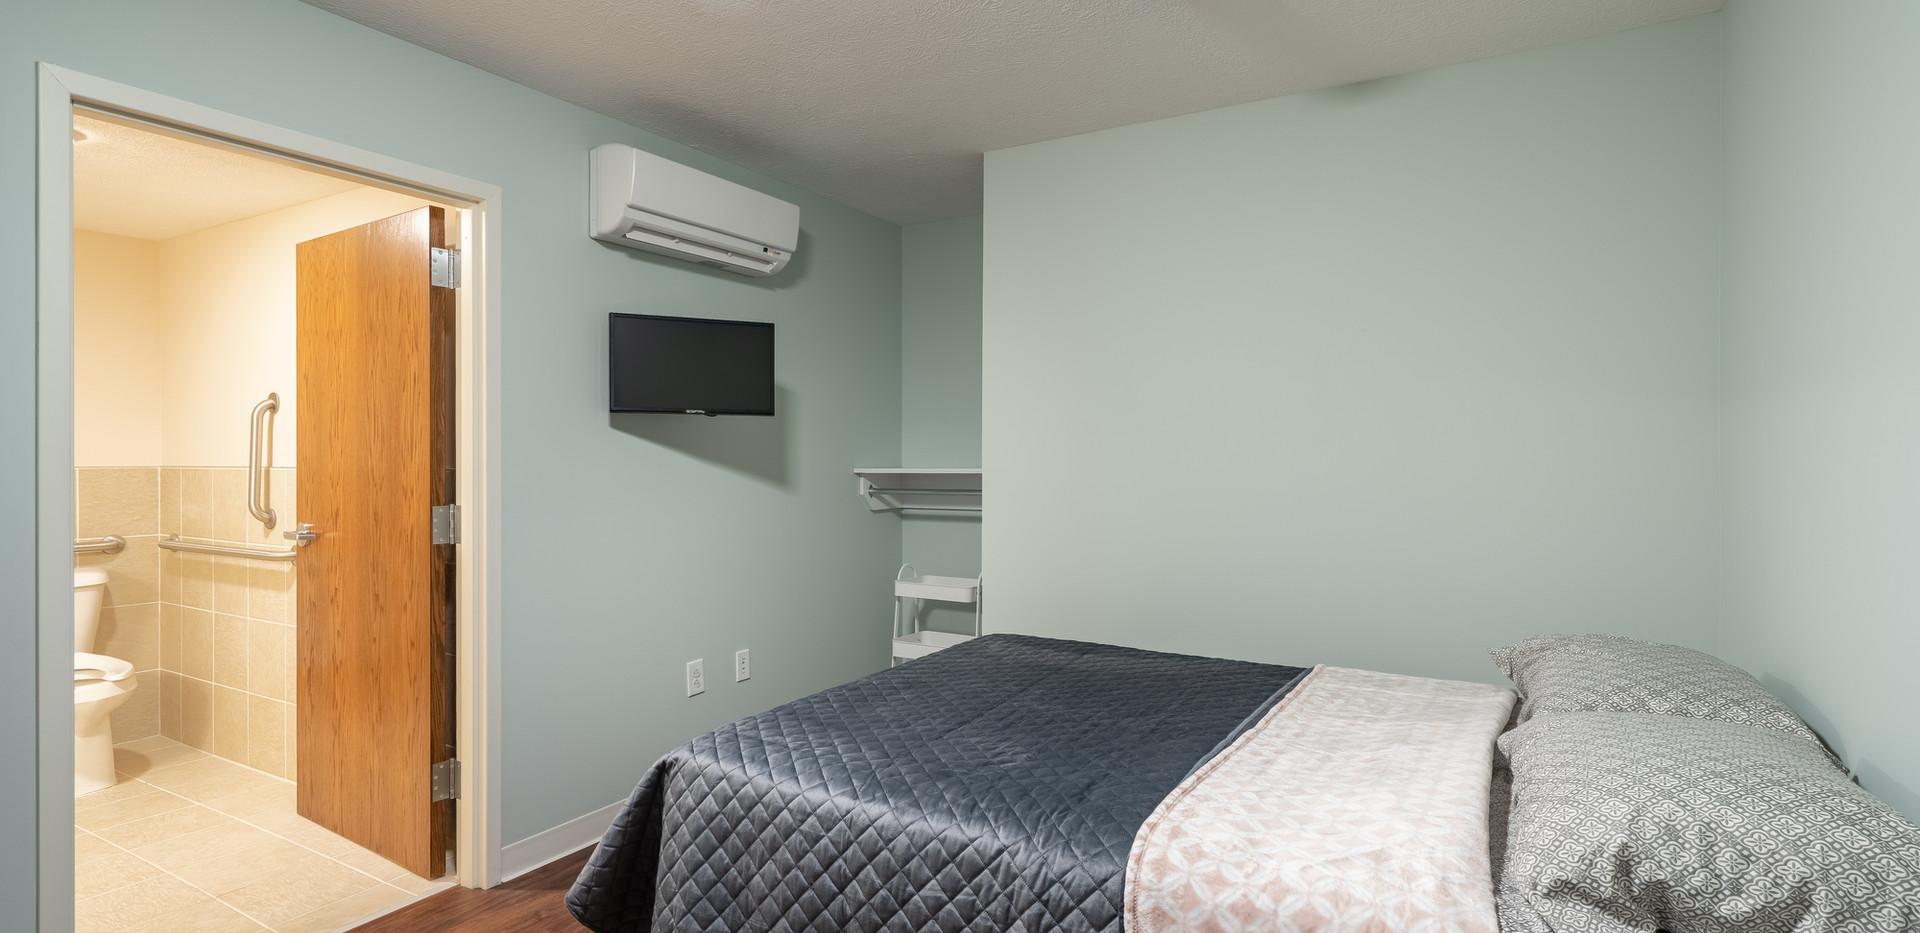 Bedroom - ADA